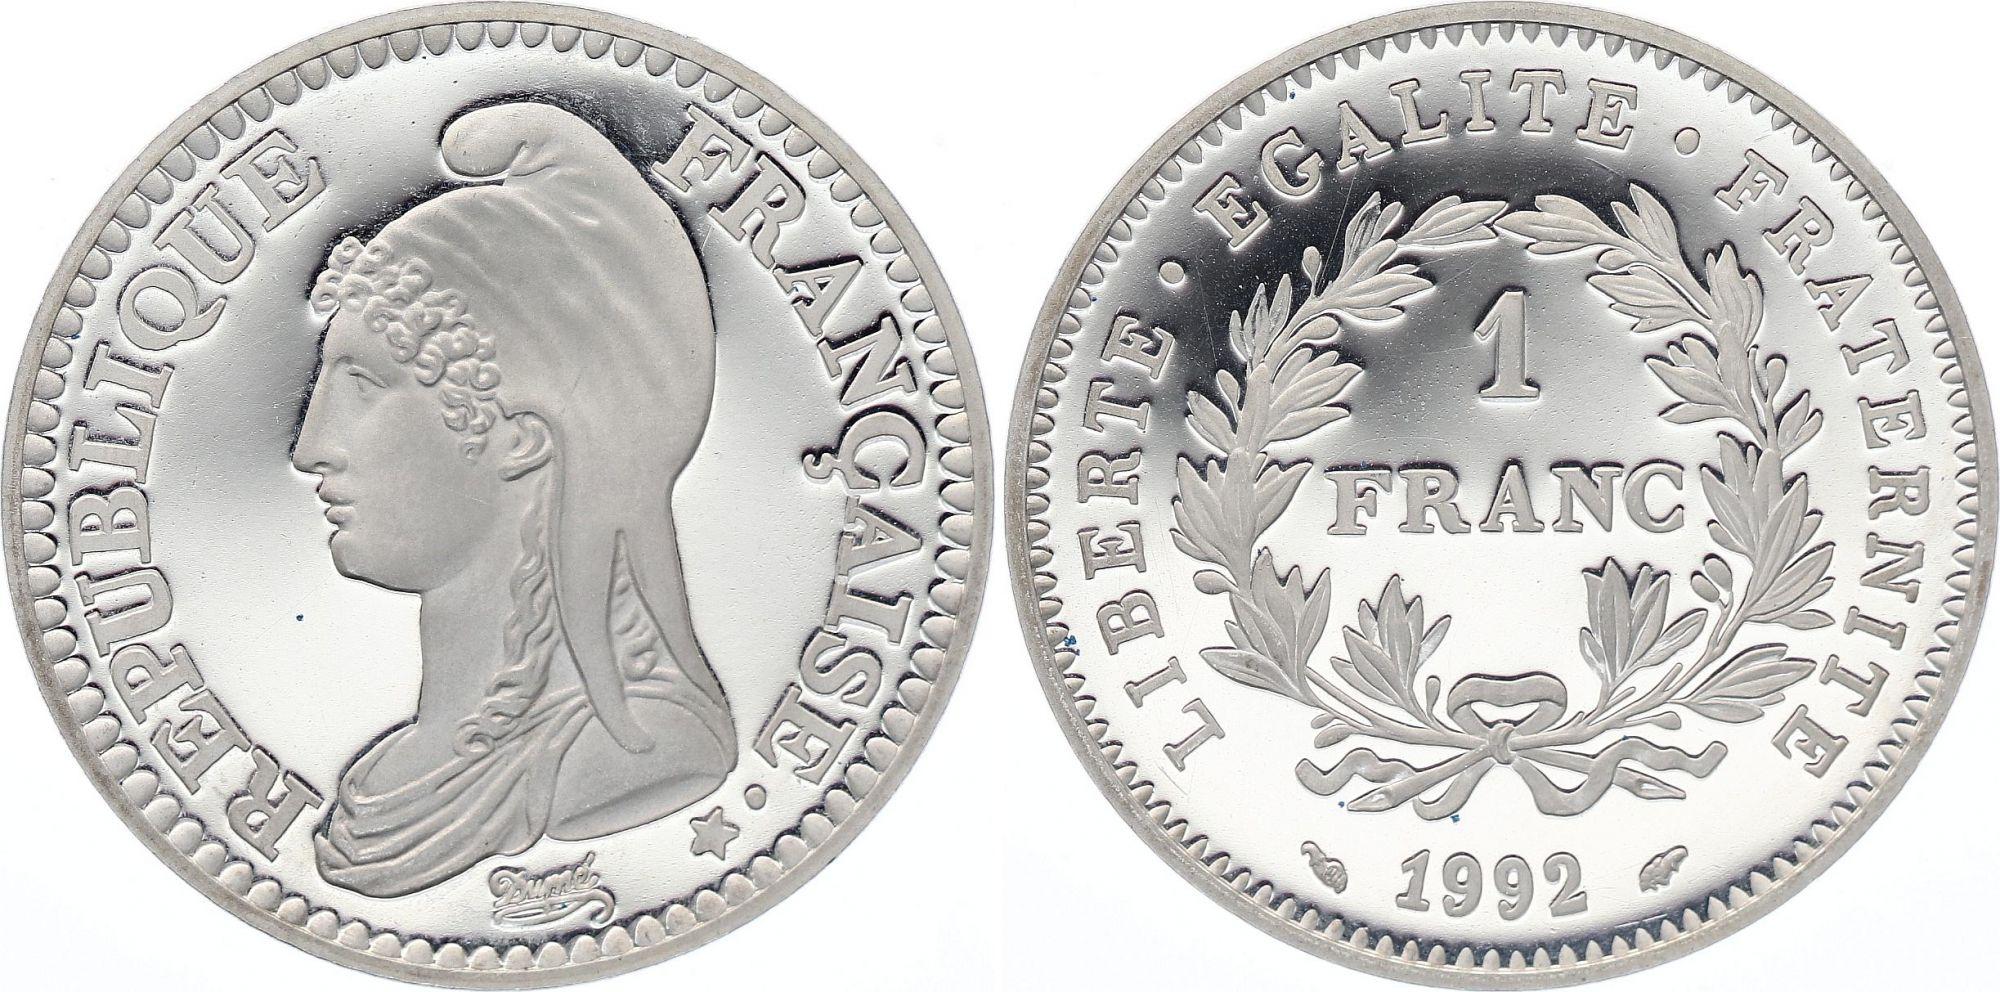 France 1 Franc  - 200 Ans de la République - Piefort 1992 - Argent - sans boite et sans certificat